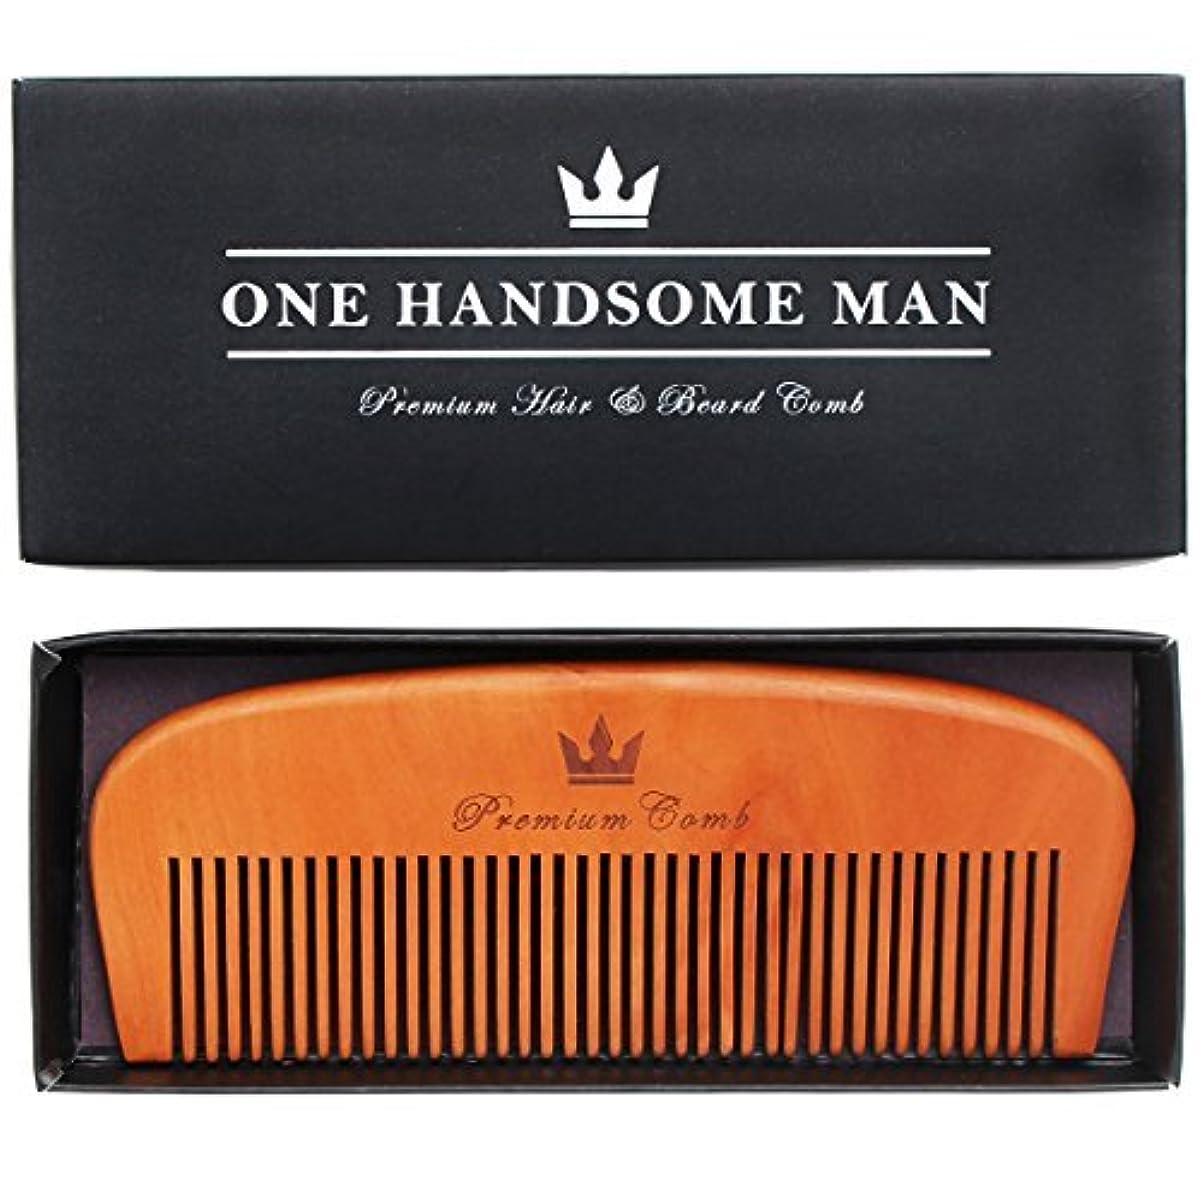 転用アミューズ仮説Premium Hair and Beard Comb - Quality Design with Gift Box. Perfect for Beards, Mustaches, or Head Hair. [並行輸入品]